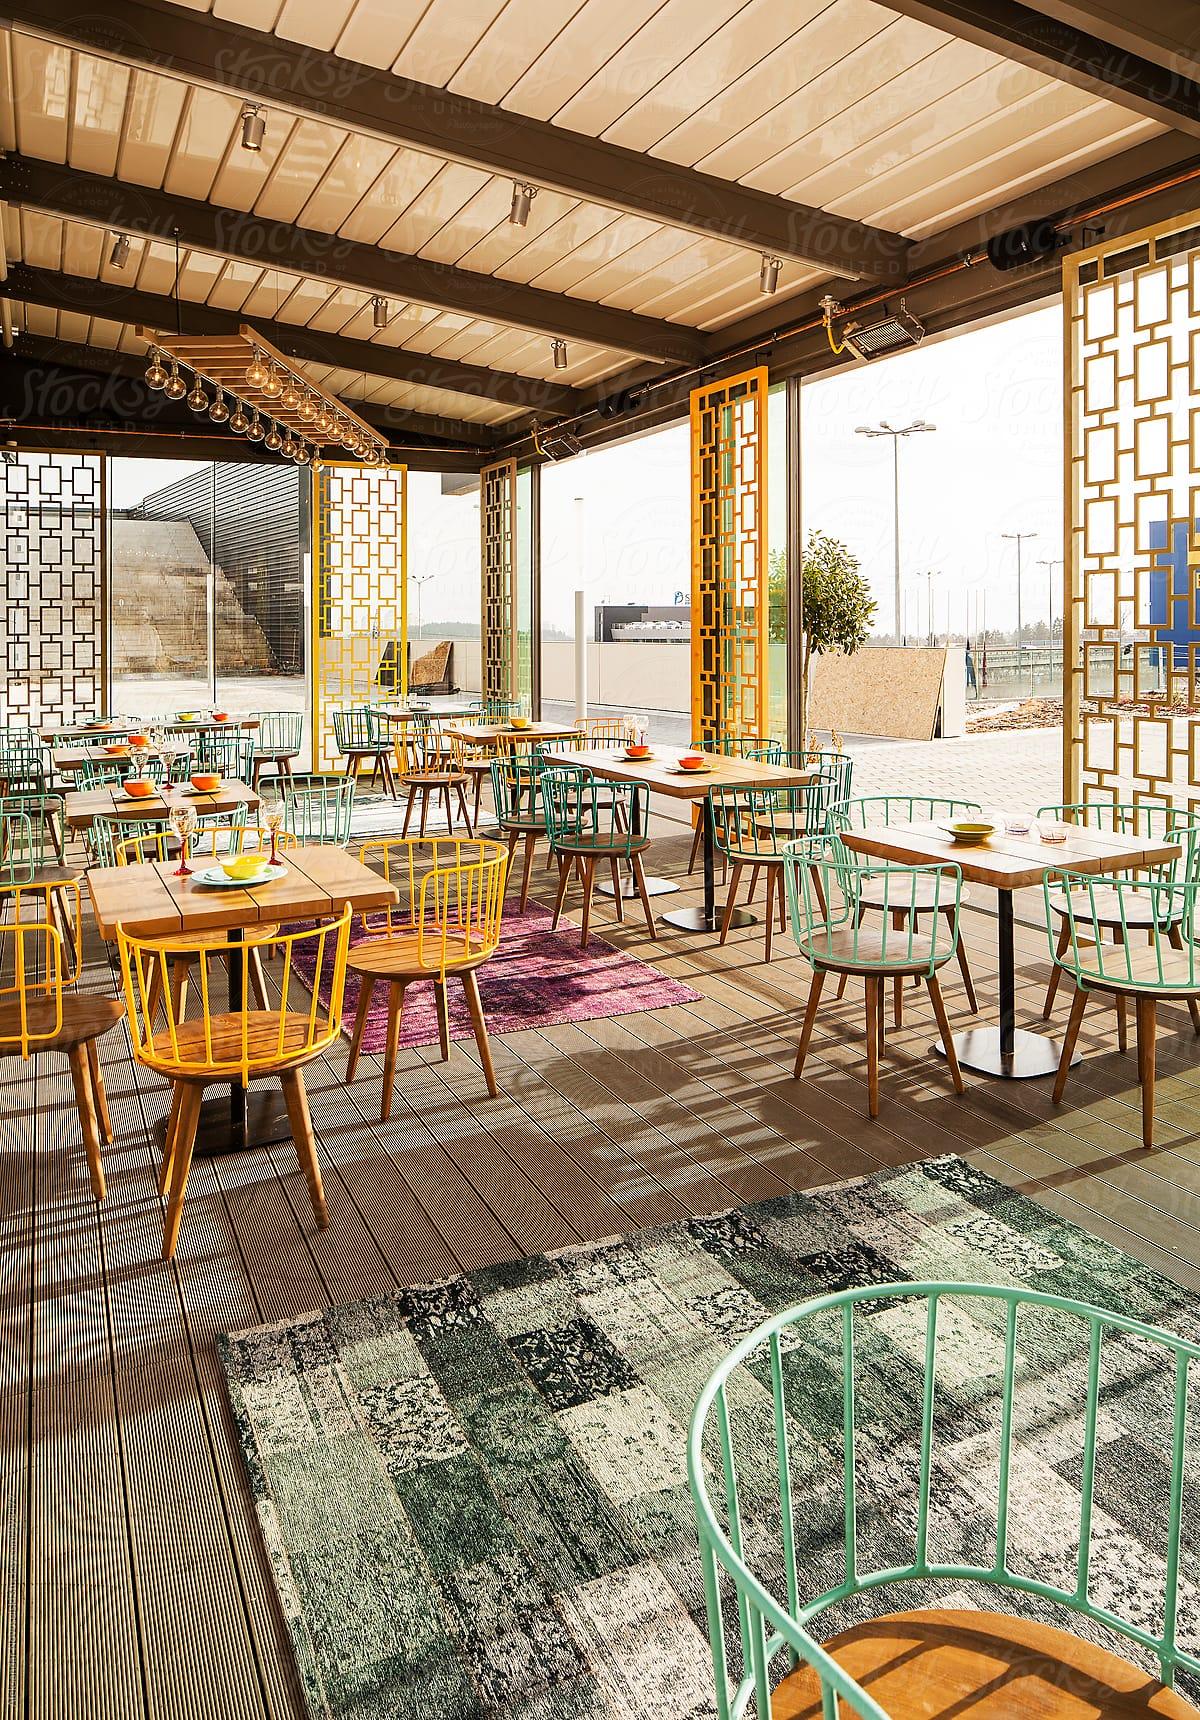 Exterior Of Modern Colorful Cafe By Sunrise By Aleksandar Novoselski Stocksy United